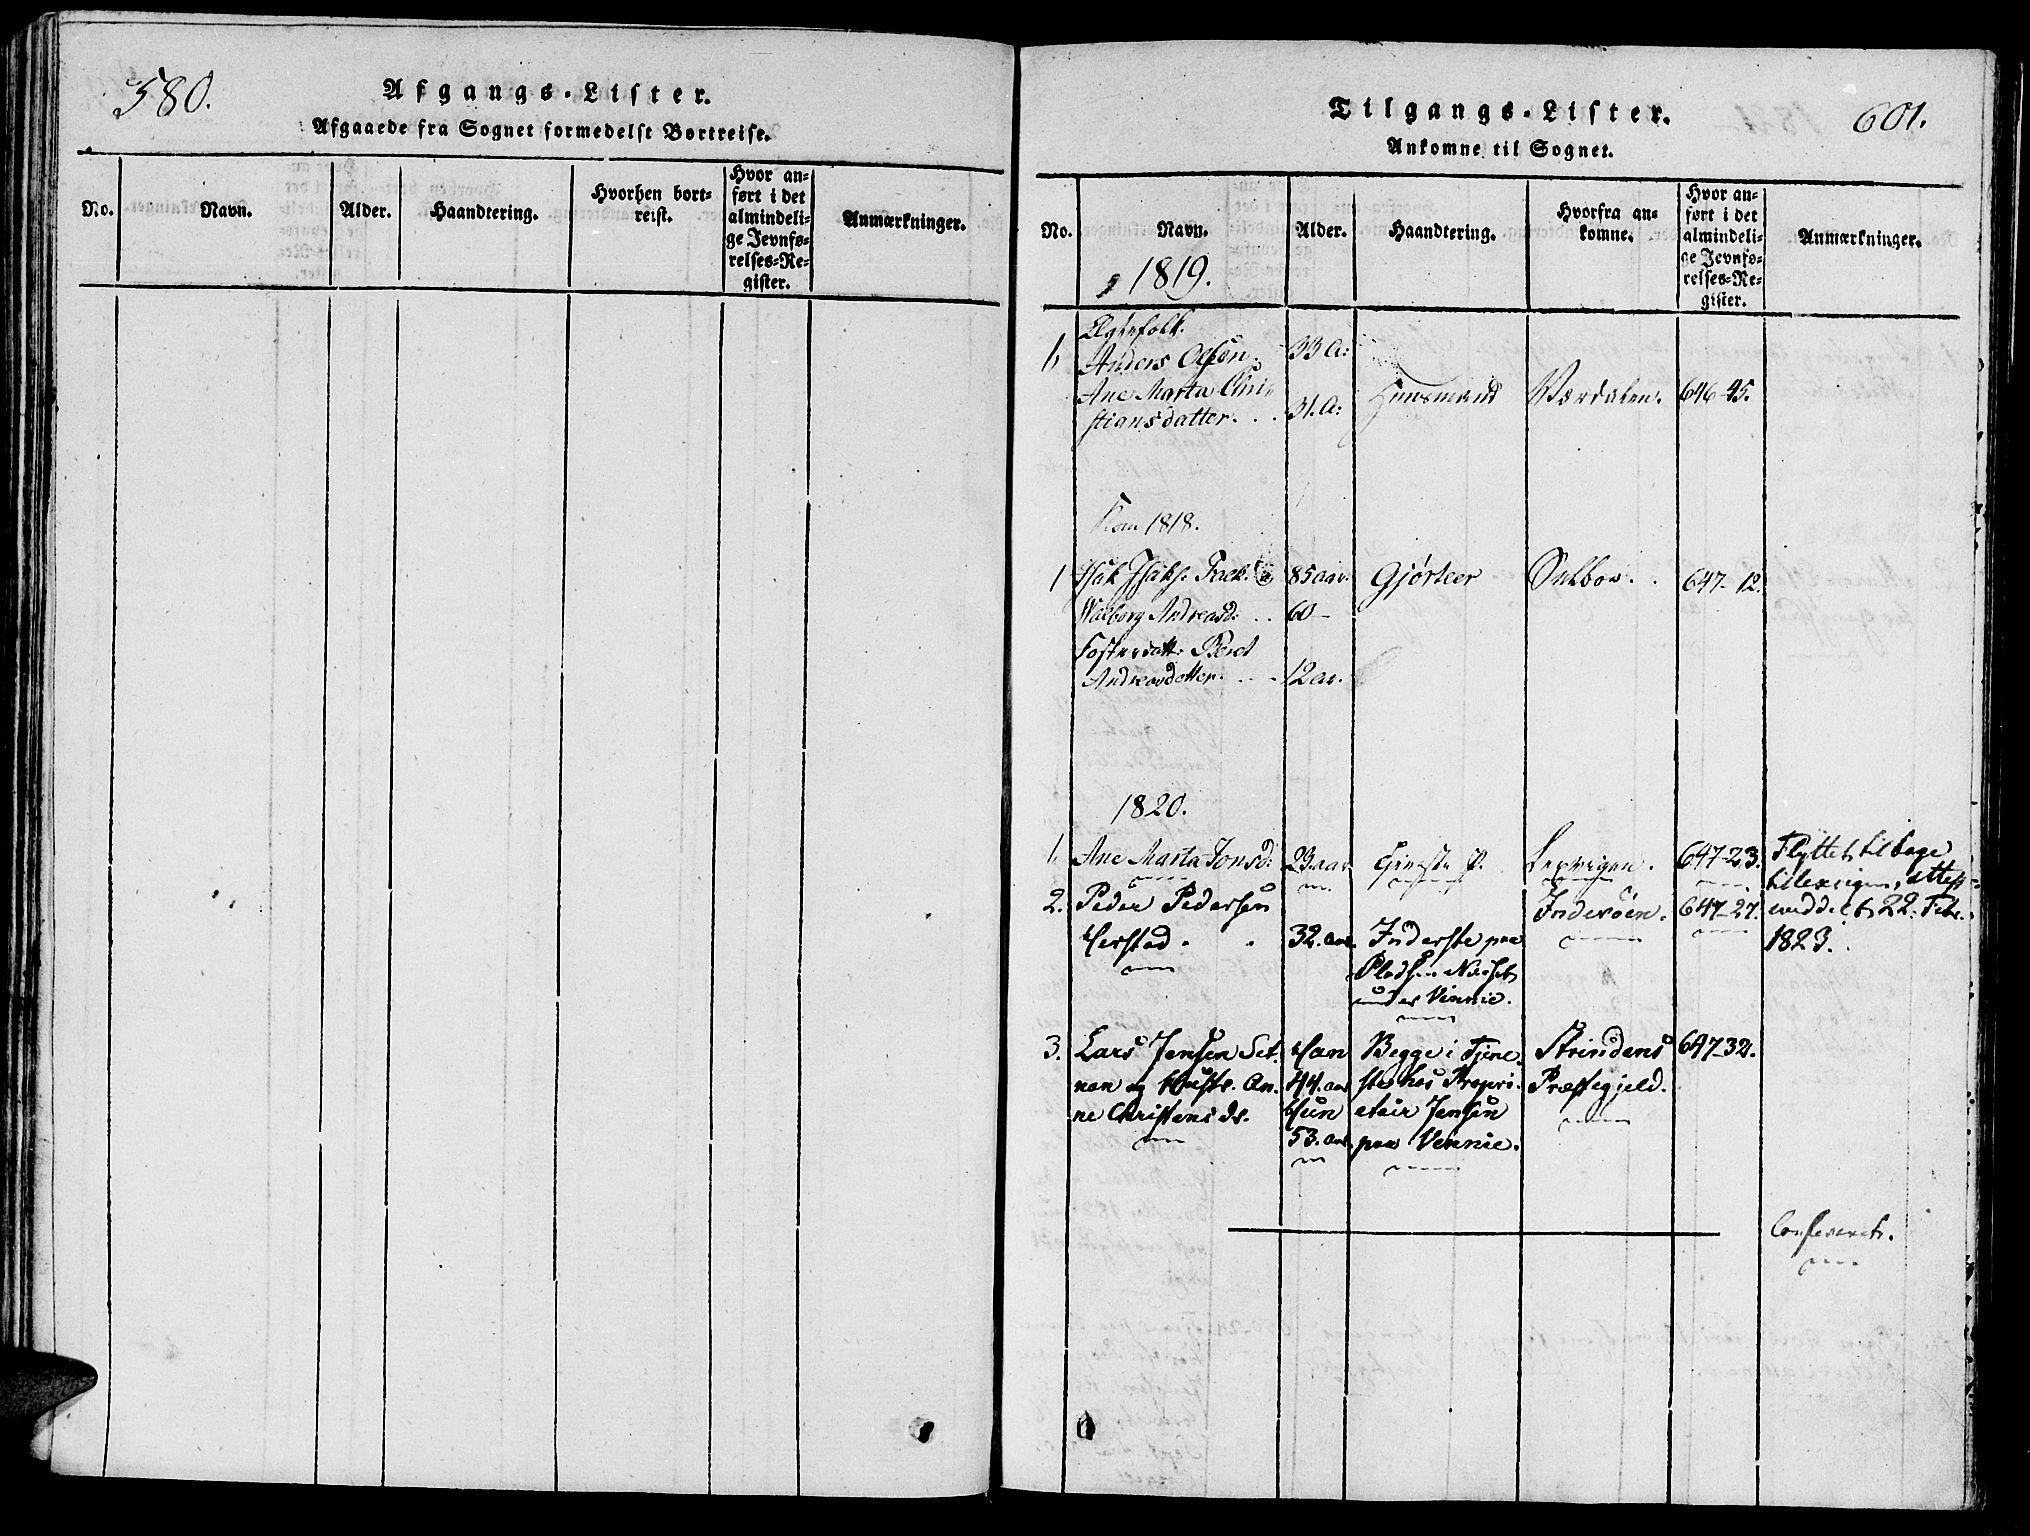 SAT, Ministerialprotokoller, klokkerbøker og fødselsregistre - Nord-Trøndelag, 733/L0322: Ministerialbok nr. 733A01, 1817-1842, s. 580-601